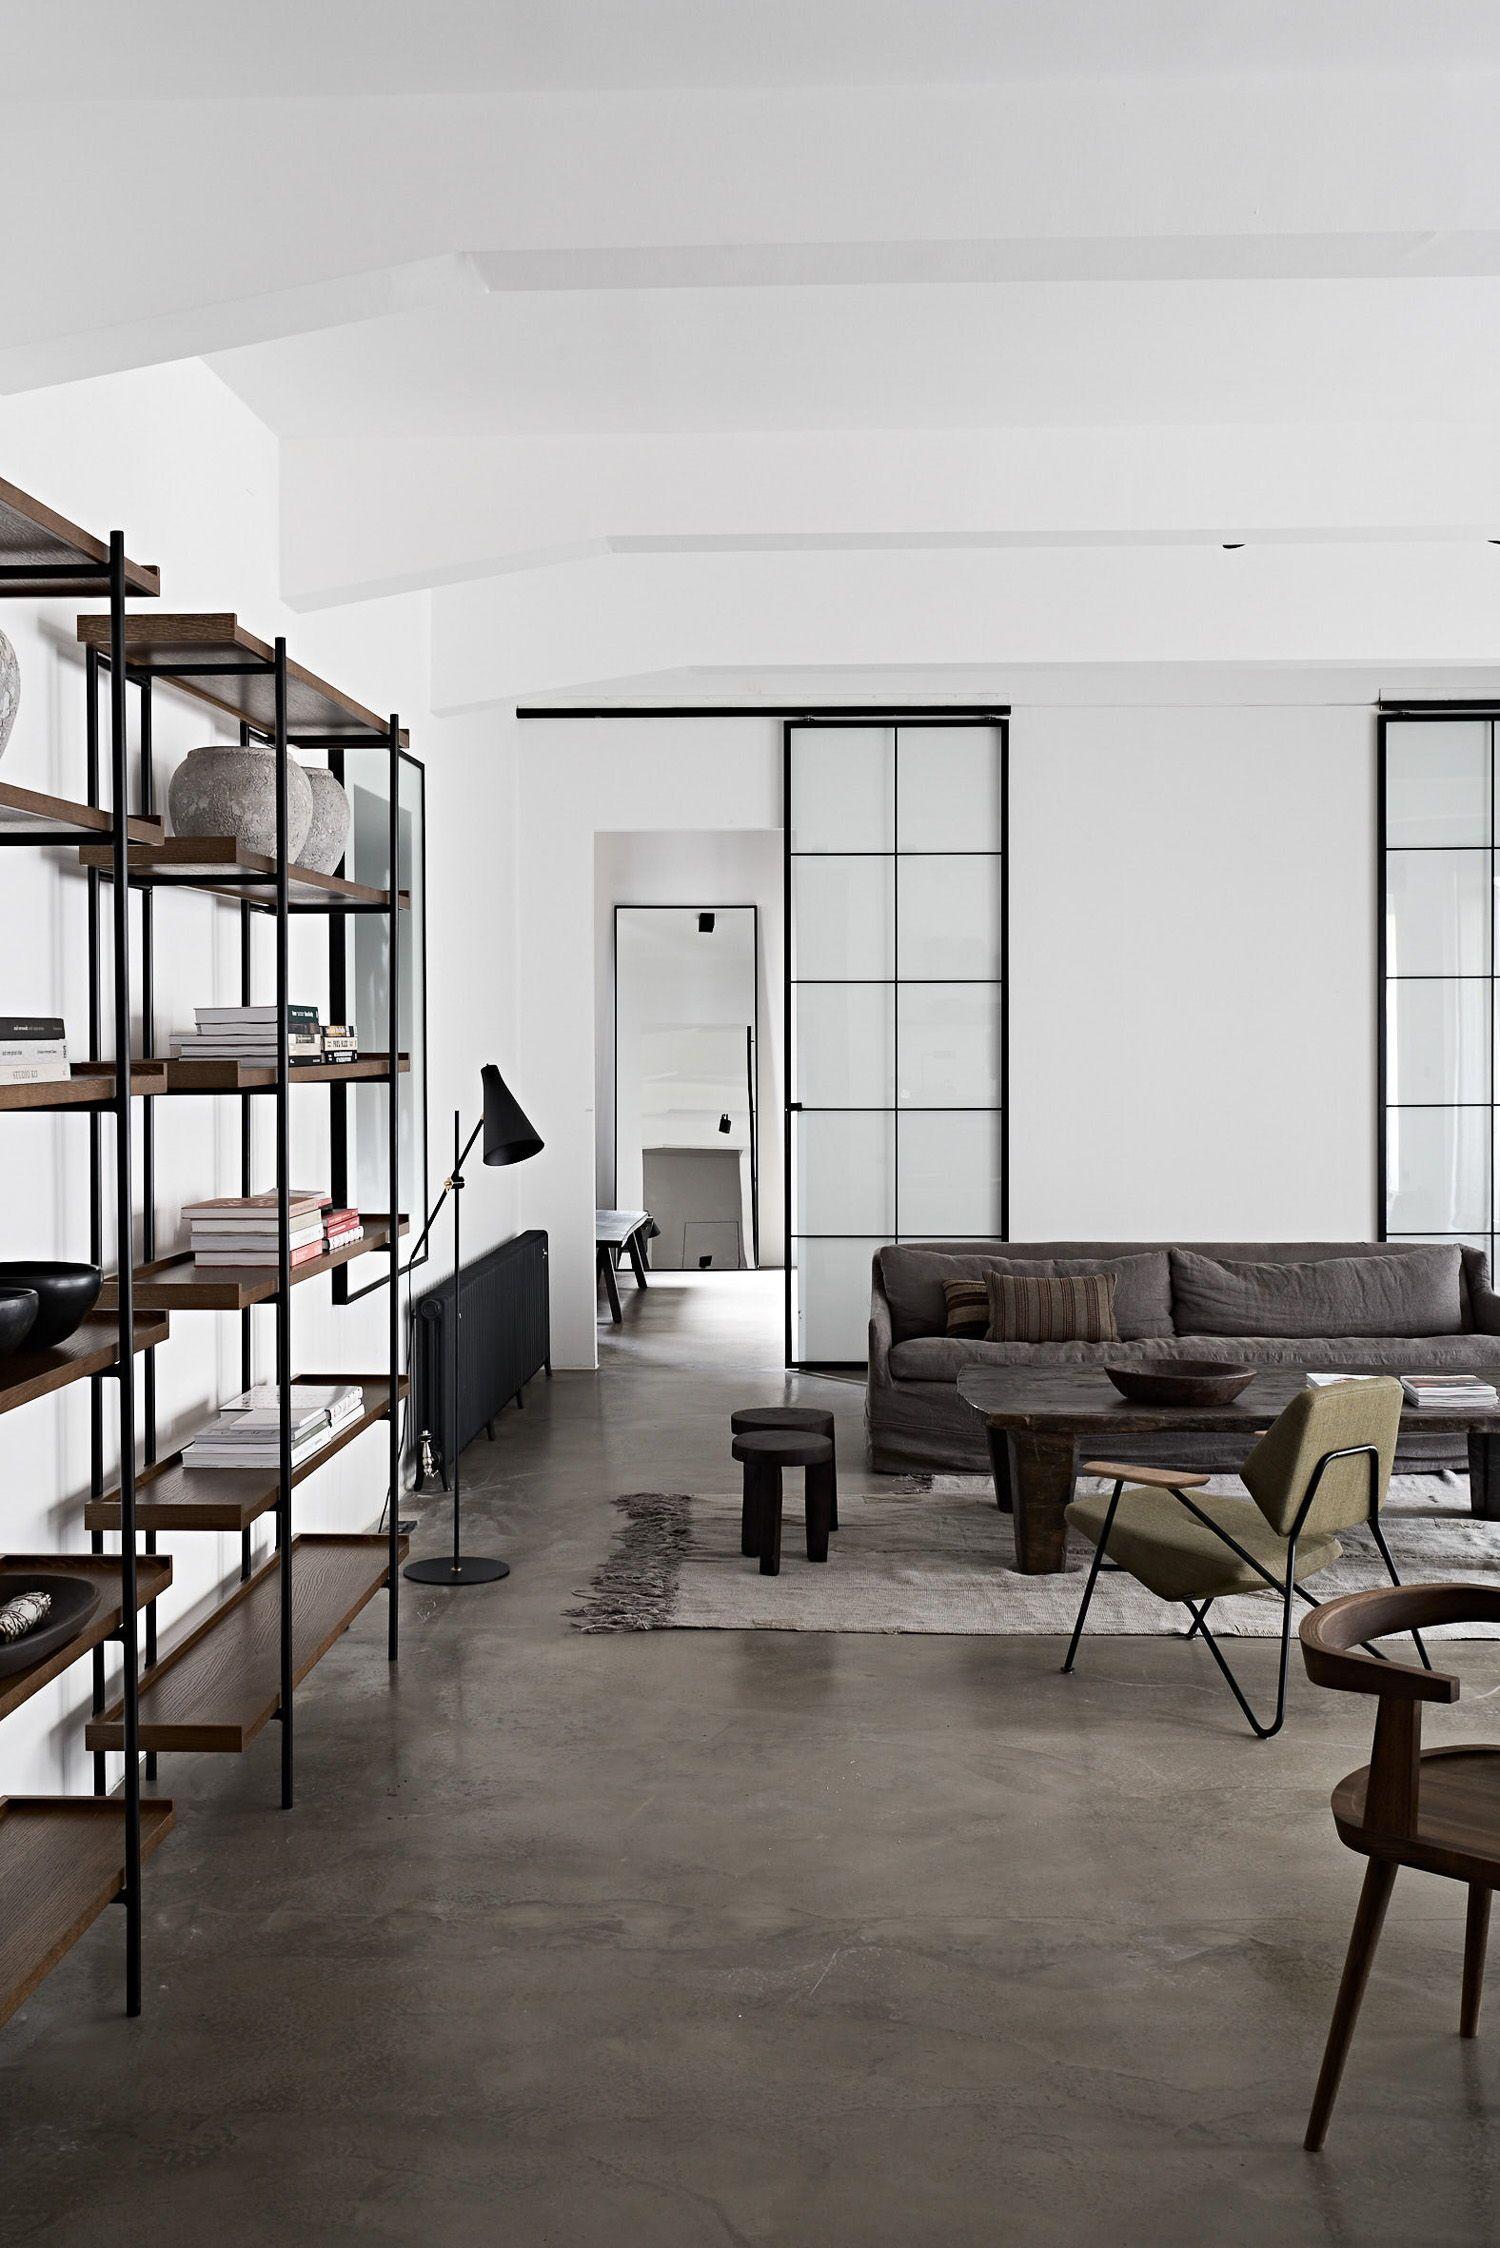 Industrial Loft Apartment Abitare Interior Design Blog In 2020 Loft Apartment Decorating Loft Interior Design Minimalist Apartment